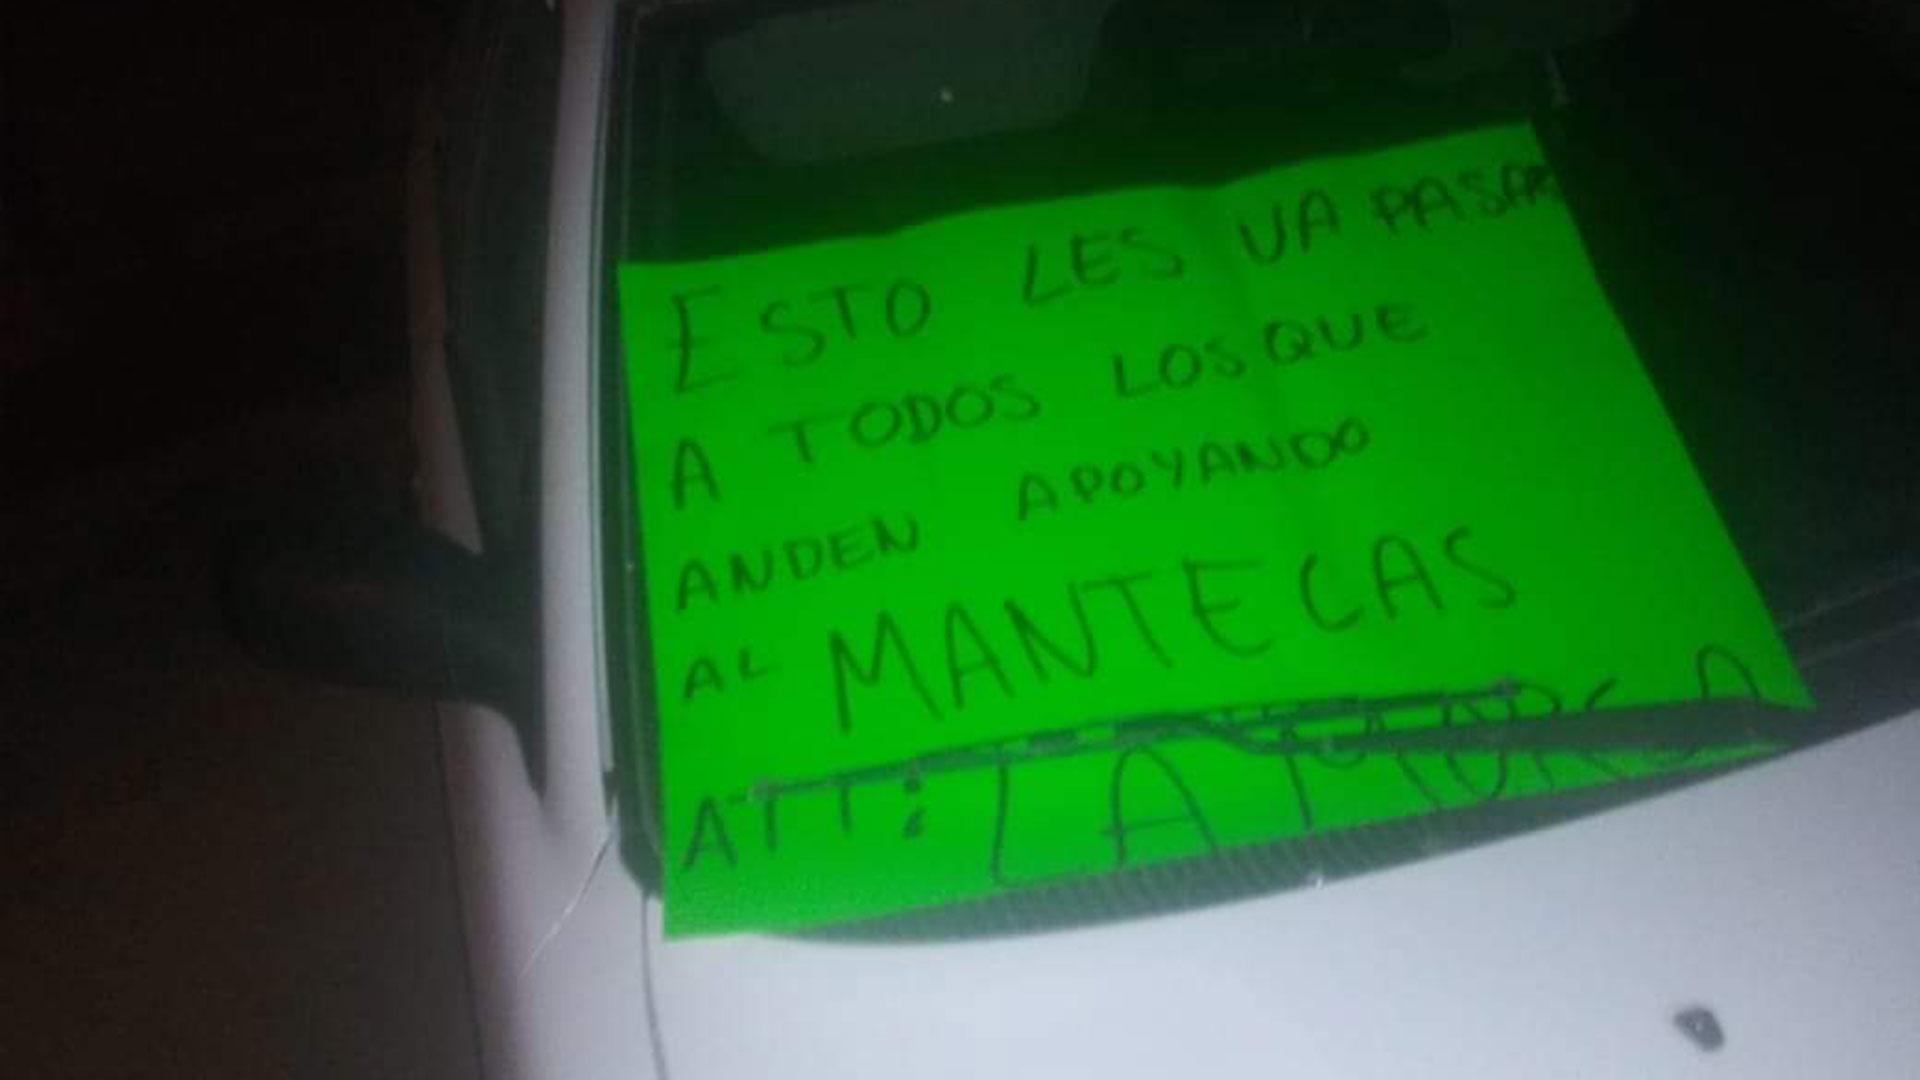 En cada uno de los cuerpos y en el vehículo dejaron el mismo mensaje de amenaza.